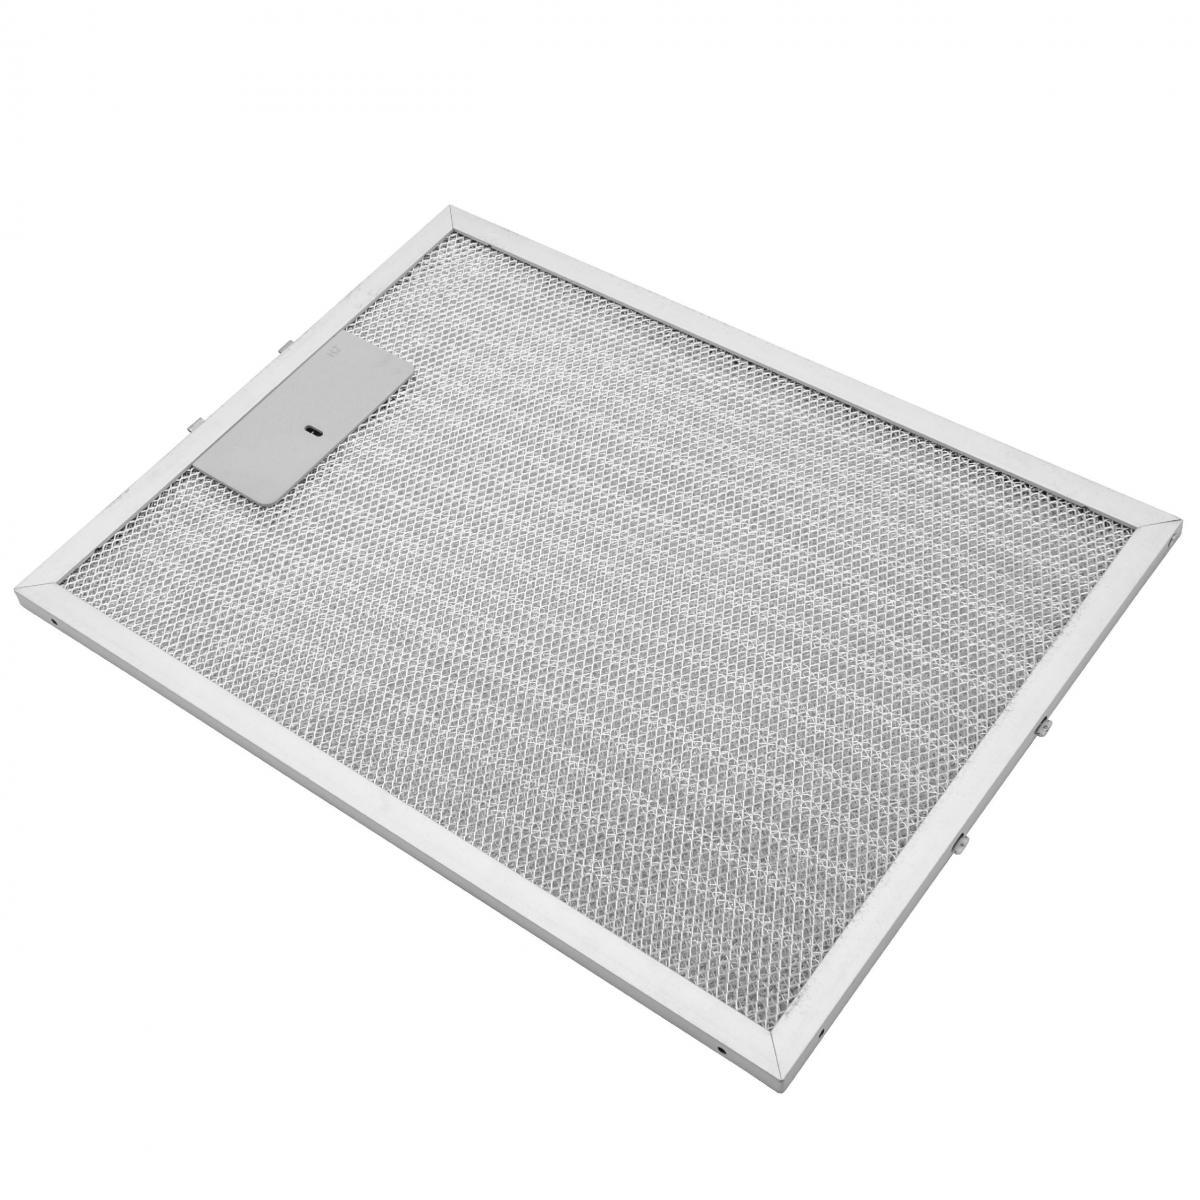 Vhbw vhbw Filtrepermanent filtre à graisse métallique 32,8 x 24,7 x 0,9 cm convient pour Alno AEF3640N 94264092800 hottes de